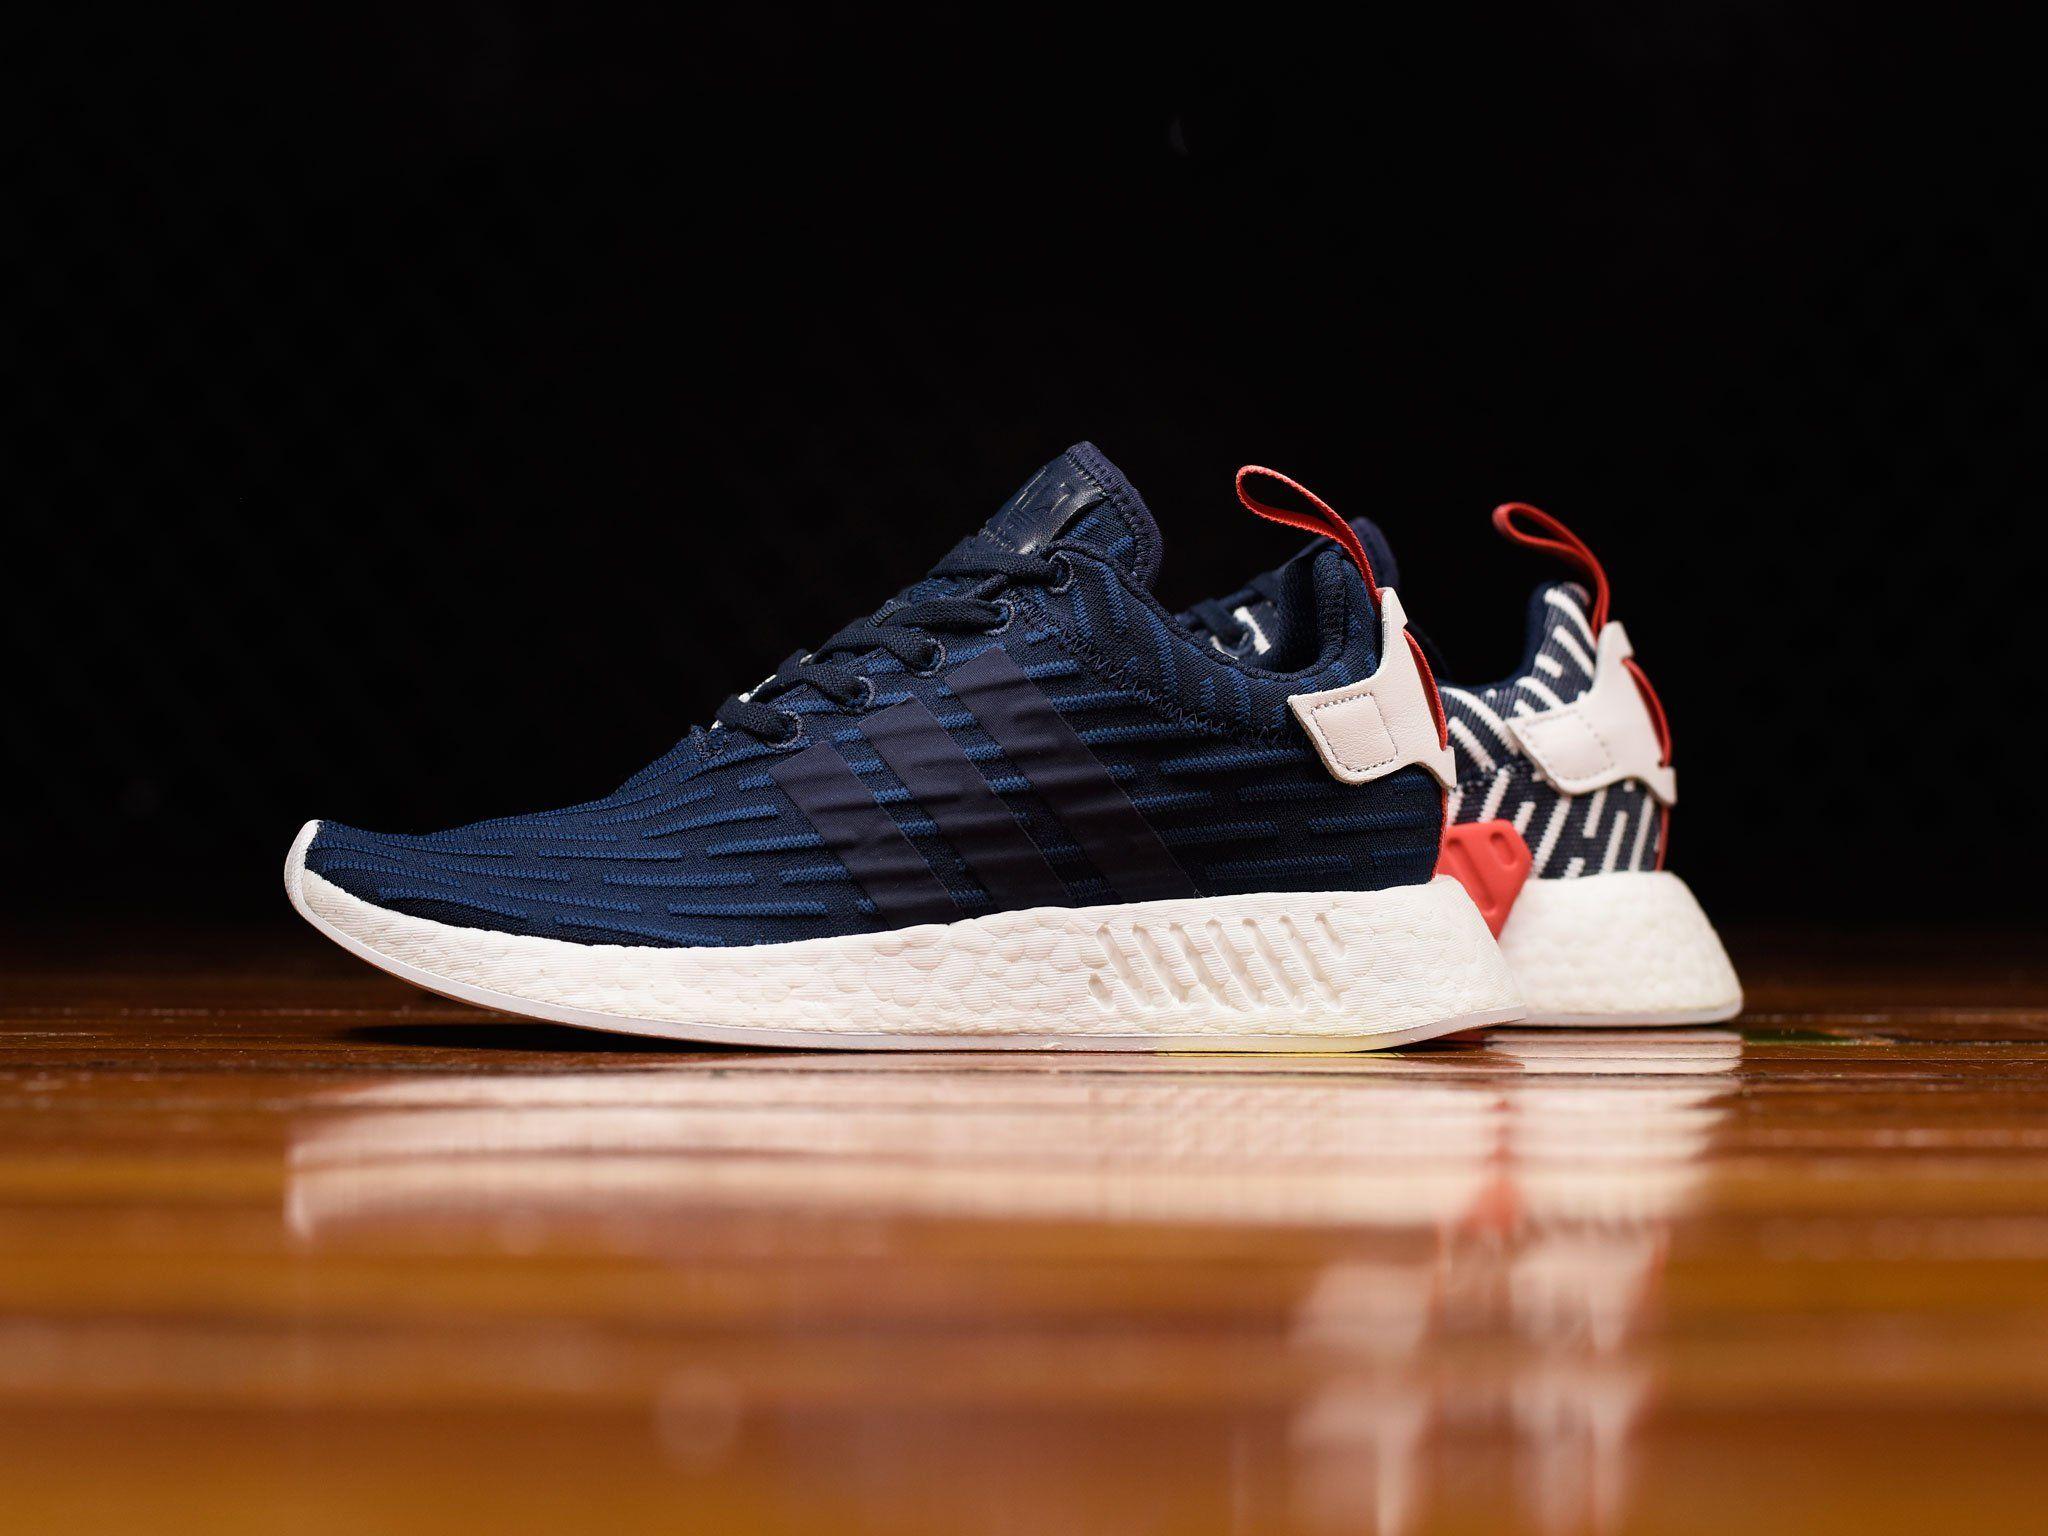 Adidas NMD R2 Navy Boost sneakers | Zapatillas adidas